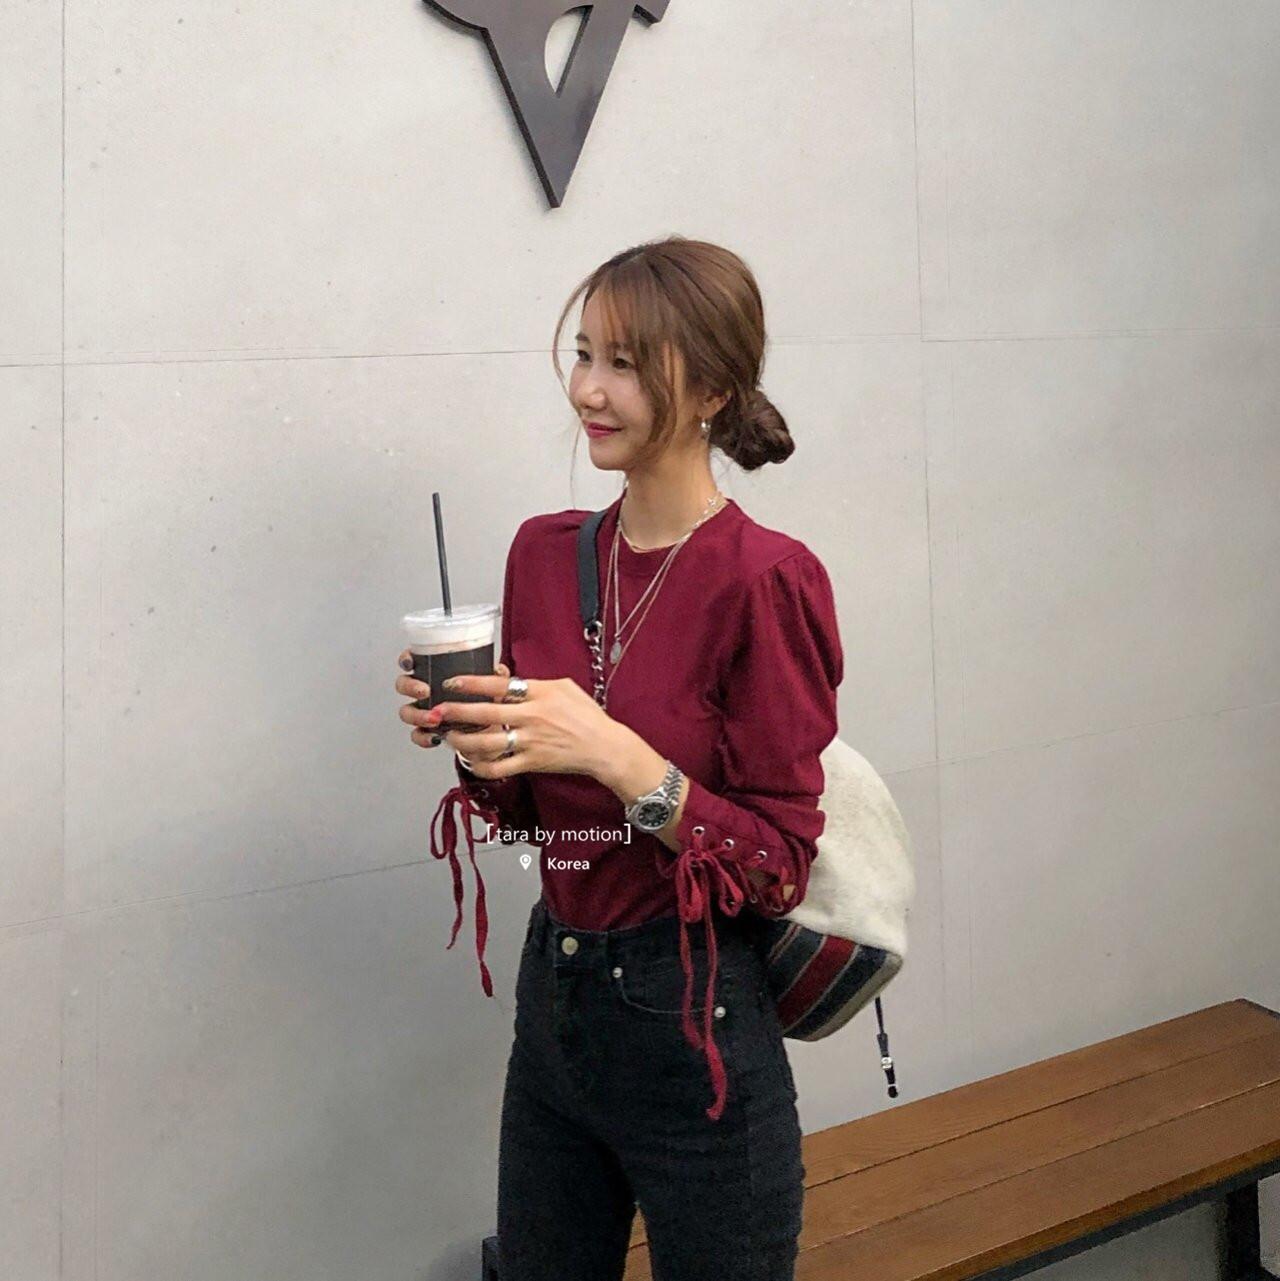 韩国女装新款 TOPDRESSING 袖子交叉系带流苏垫肩纯色圆领打底T恤